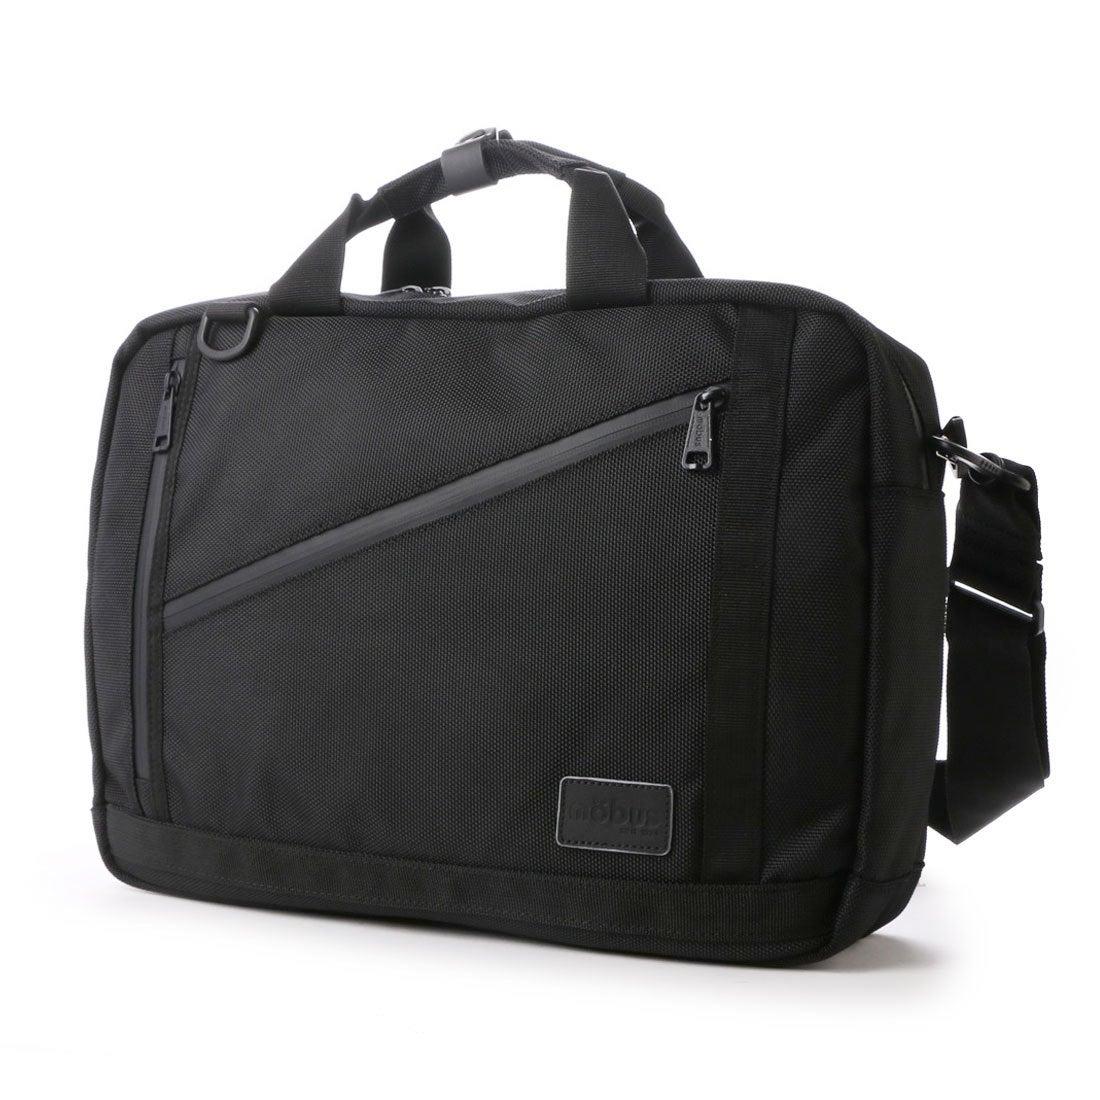 97cf73551411 モーブス mobus 3WAYビジネスブリーフバッグ (ブラック) -靴&ファッション通販 ロコンド〜自宅で試着、気軽に返品